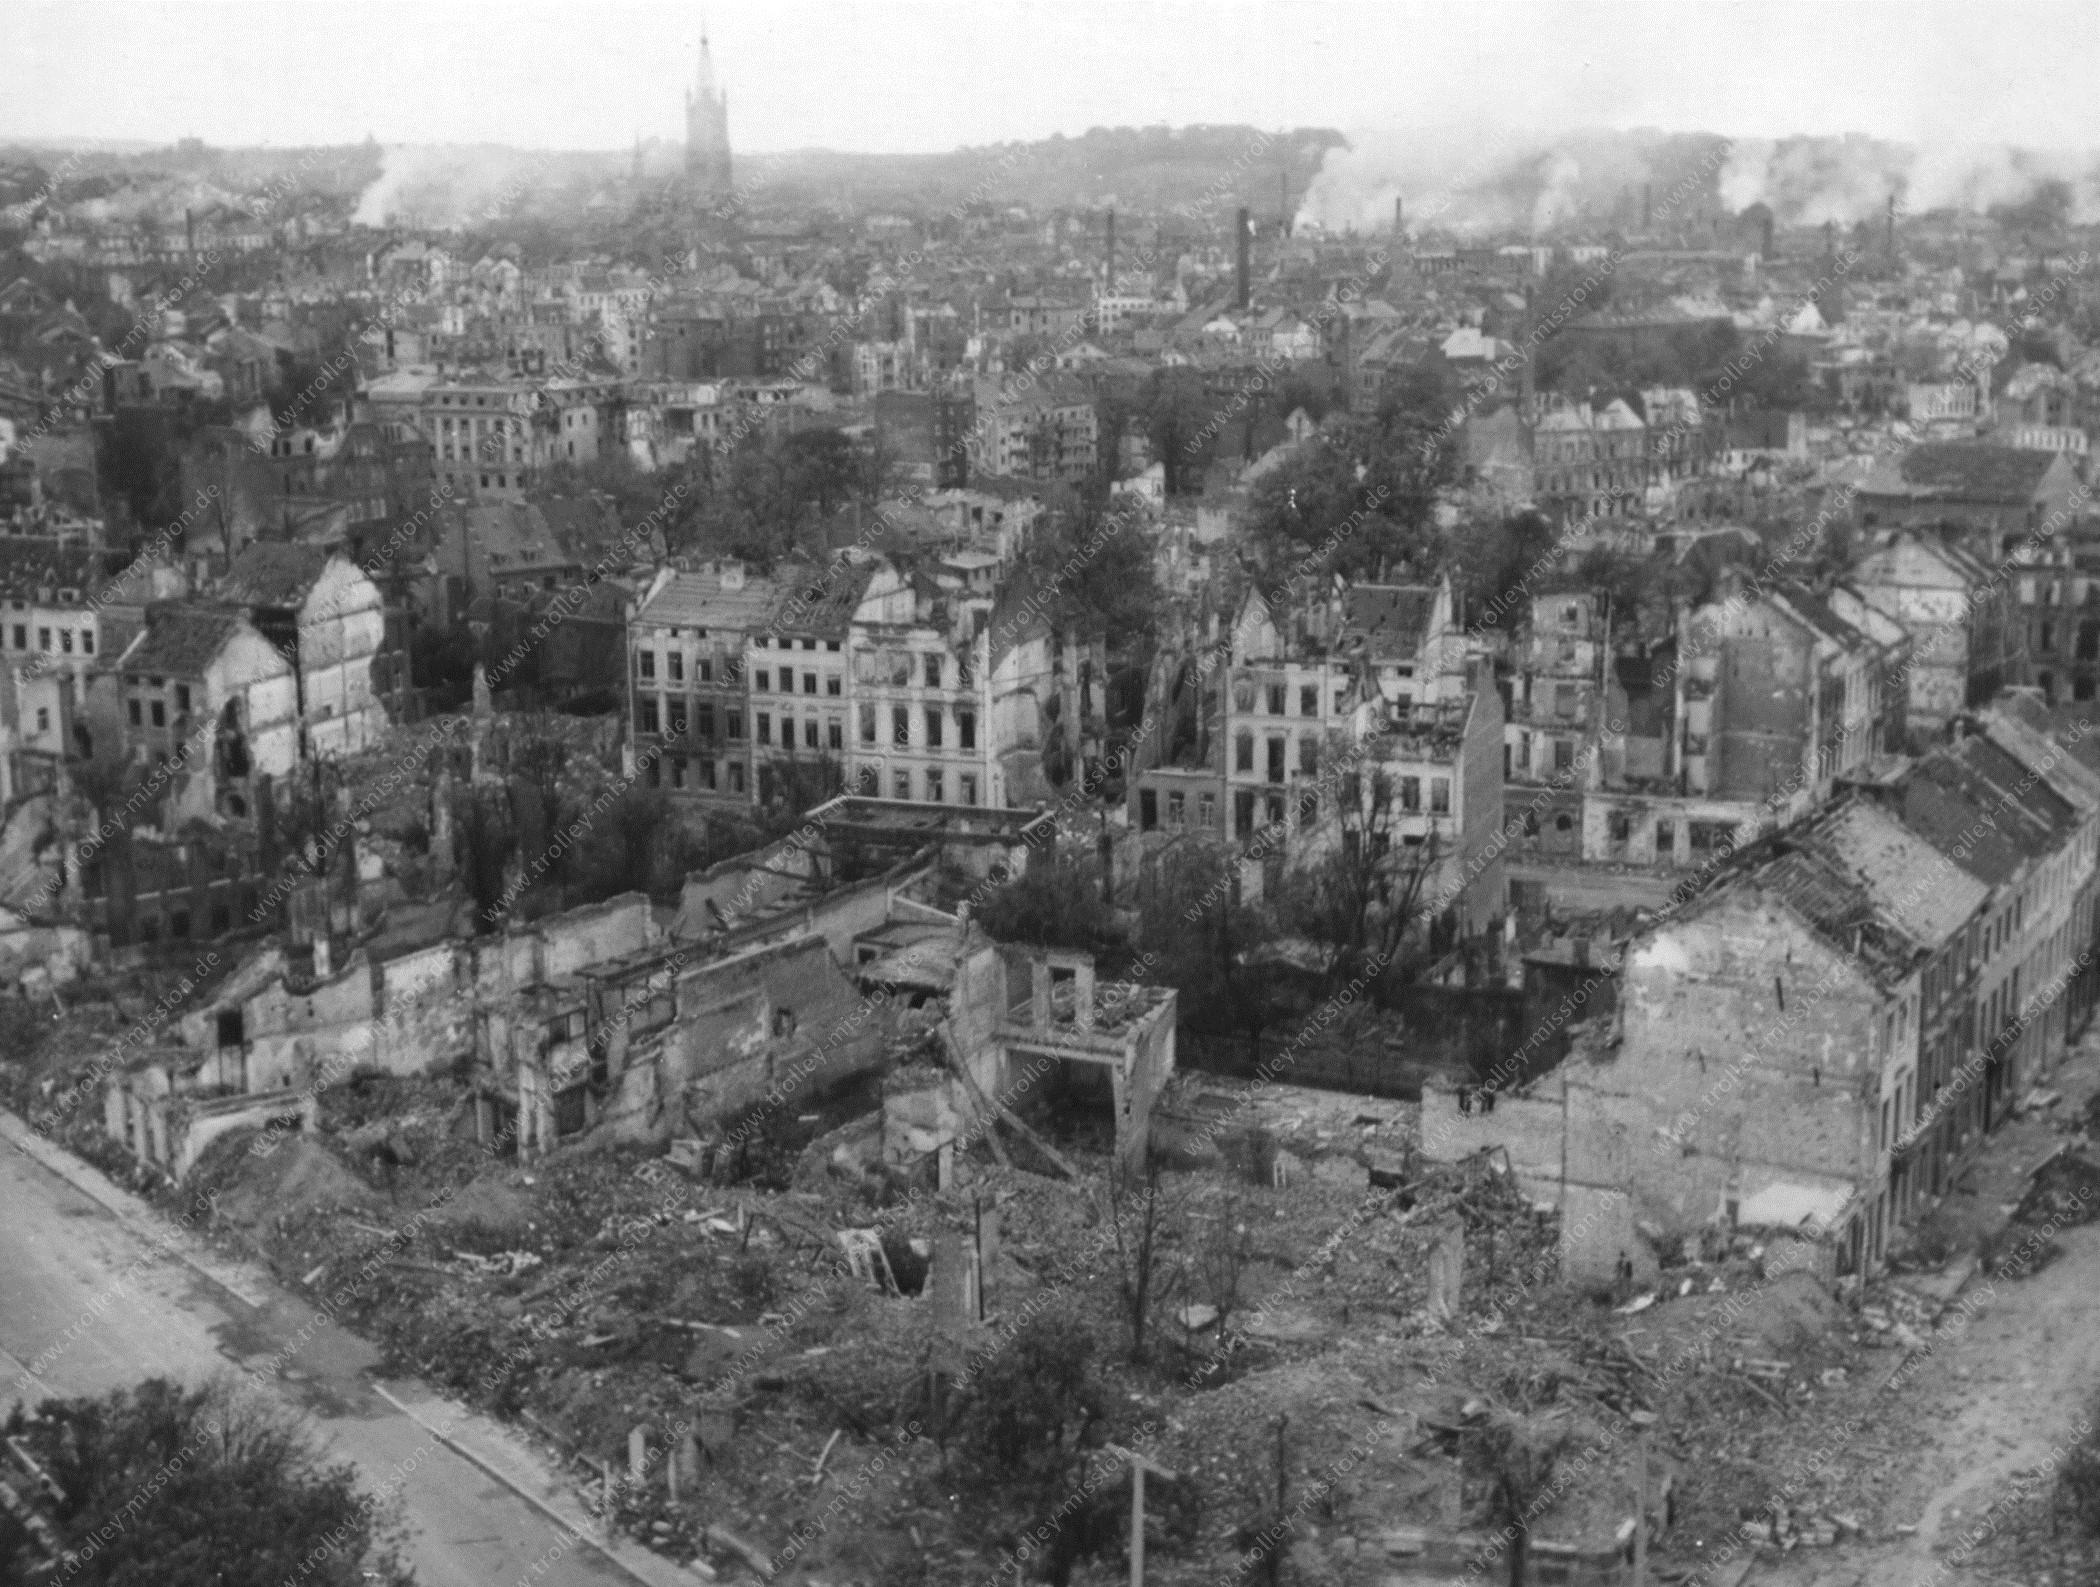 Aachen - Unbekannte Straßen und Gebäude nach dem Zweiten Weltkrieg (USASC-36)